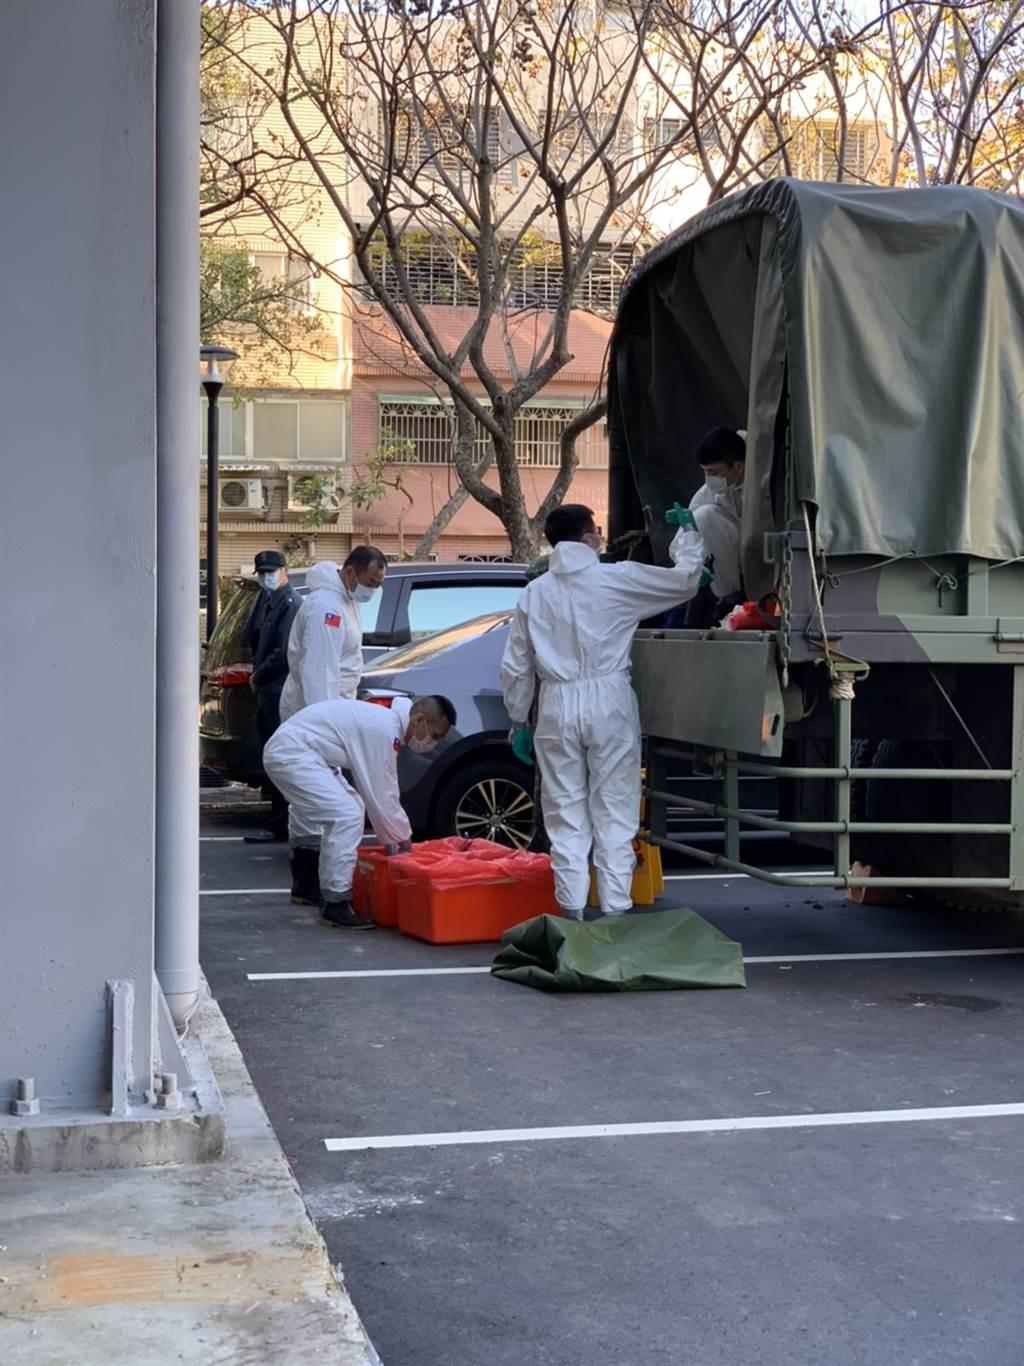 化學兵將於今日下午對桃園醫院進行全面性消毒。(圖/記者姜霏攝穎)